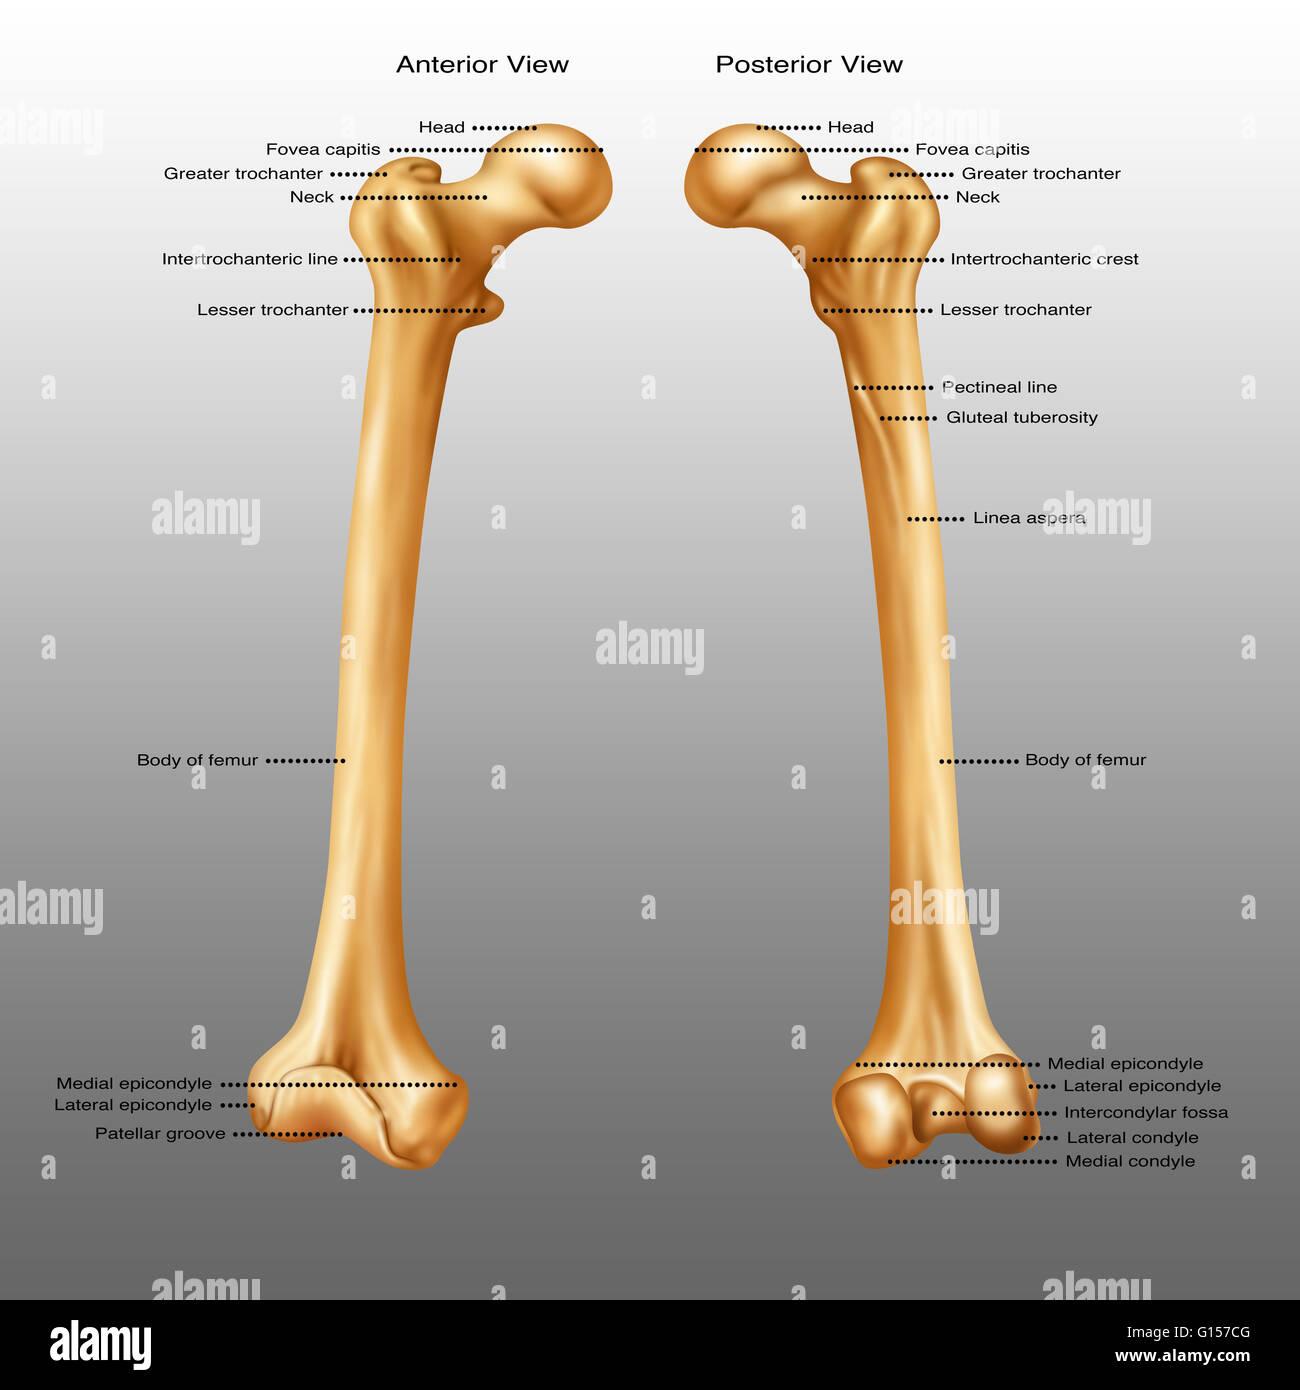 Vordere und hintere Ansicht ein Oberschenkelknochen Stockfoto, Bild ...